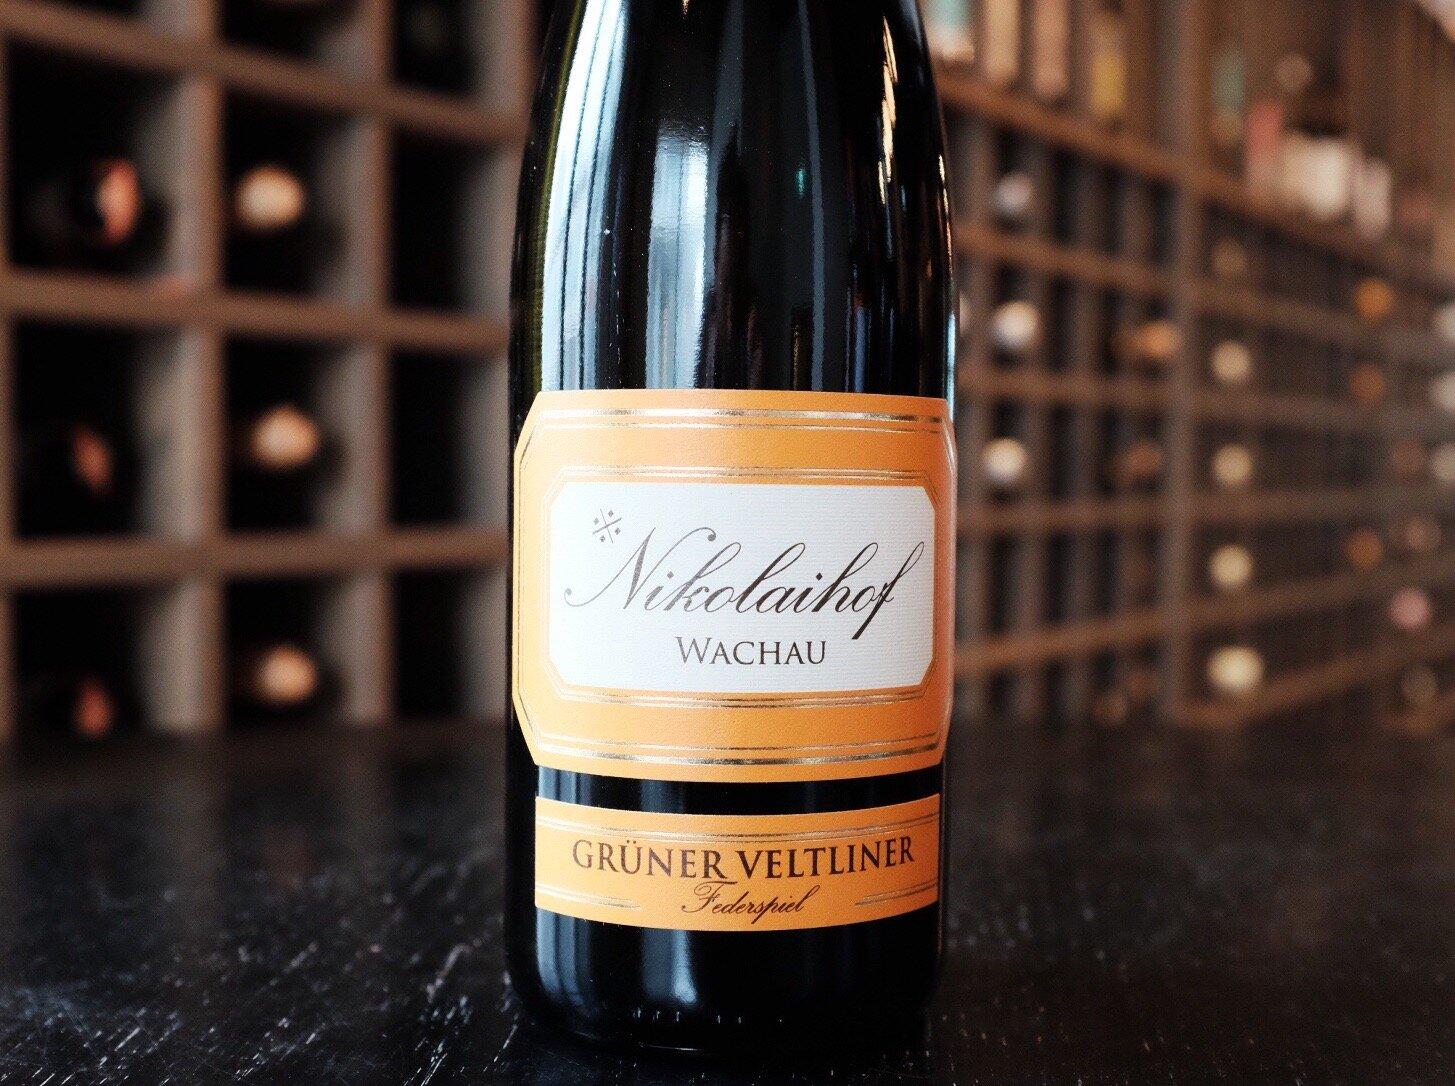 Nikolaihof  Im Weingebirge Federspiel Wachau Grüner Veltliner  2016 - Wachau, Austria  $31.90